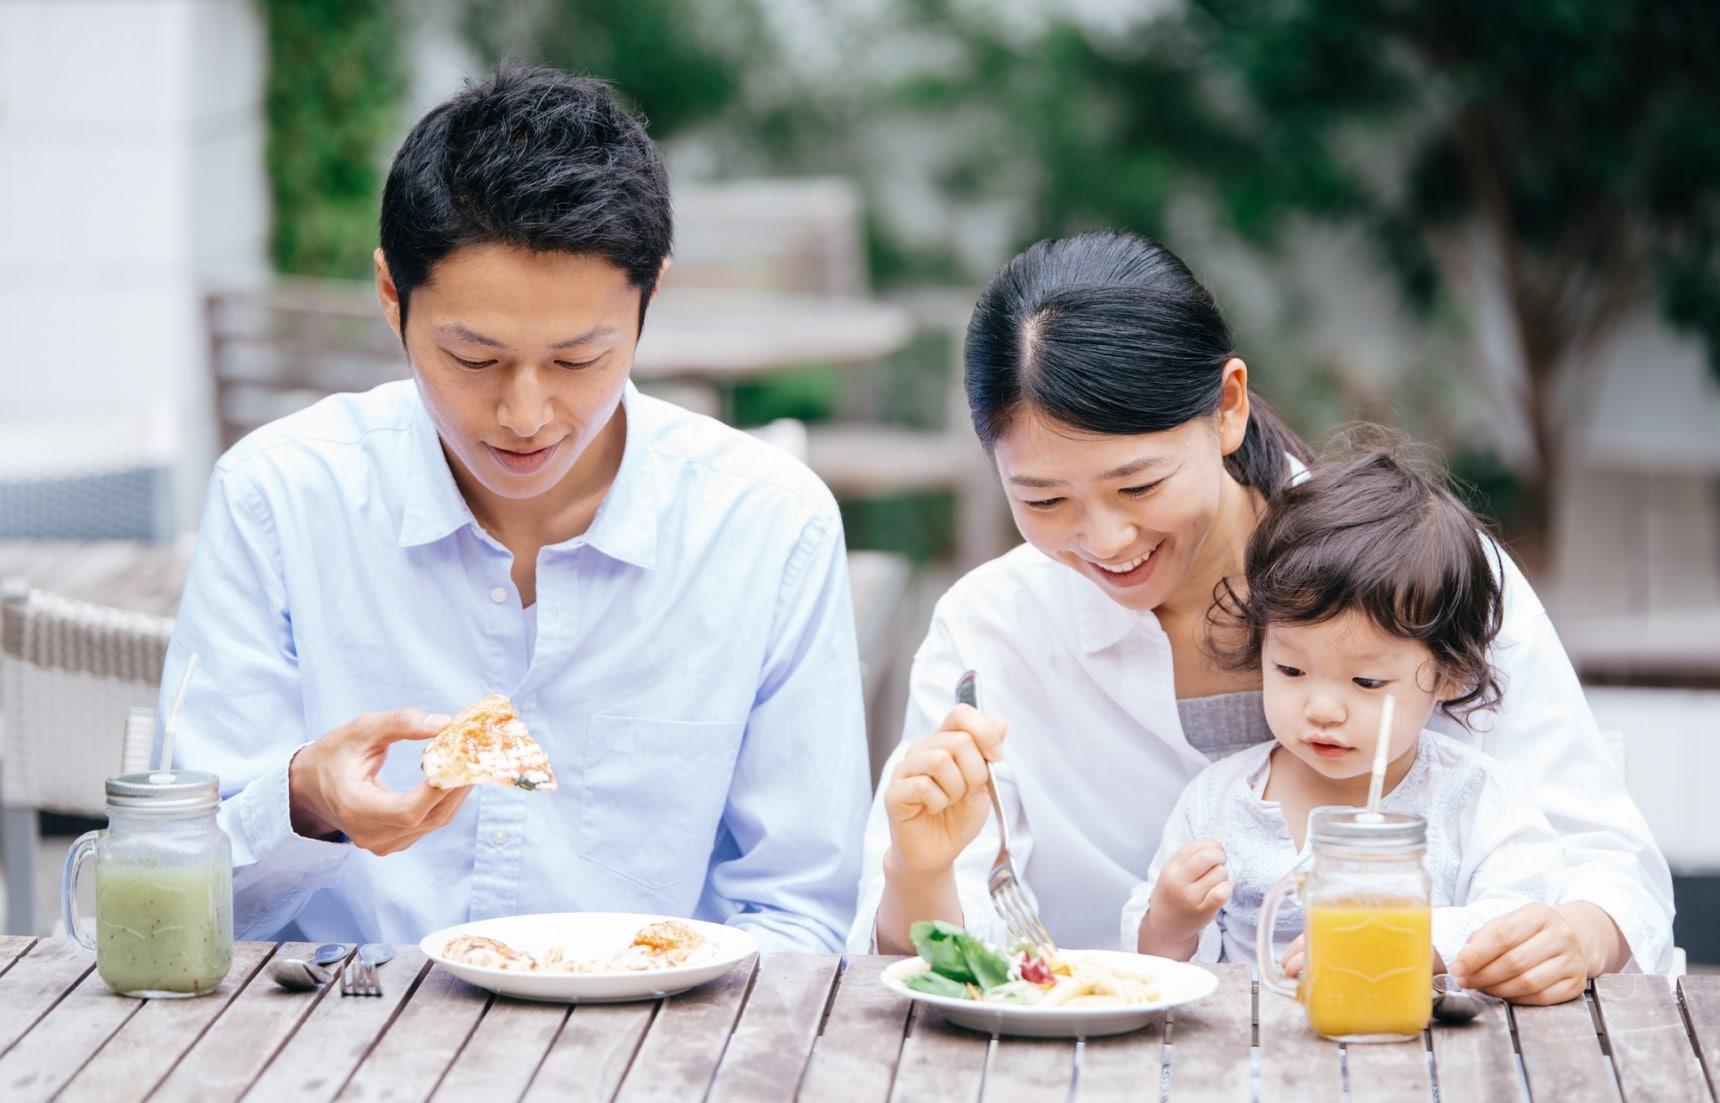 【東京美食】推嬰兒車也不會被白眼!10間友善親子的東京禁菸餐廳